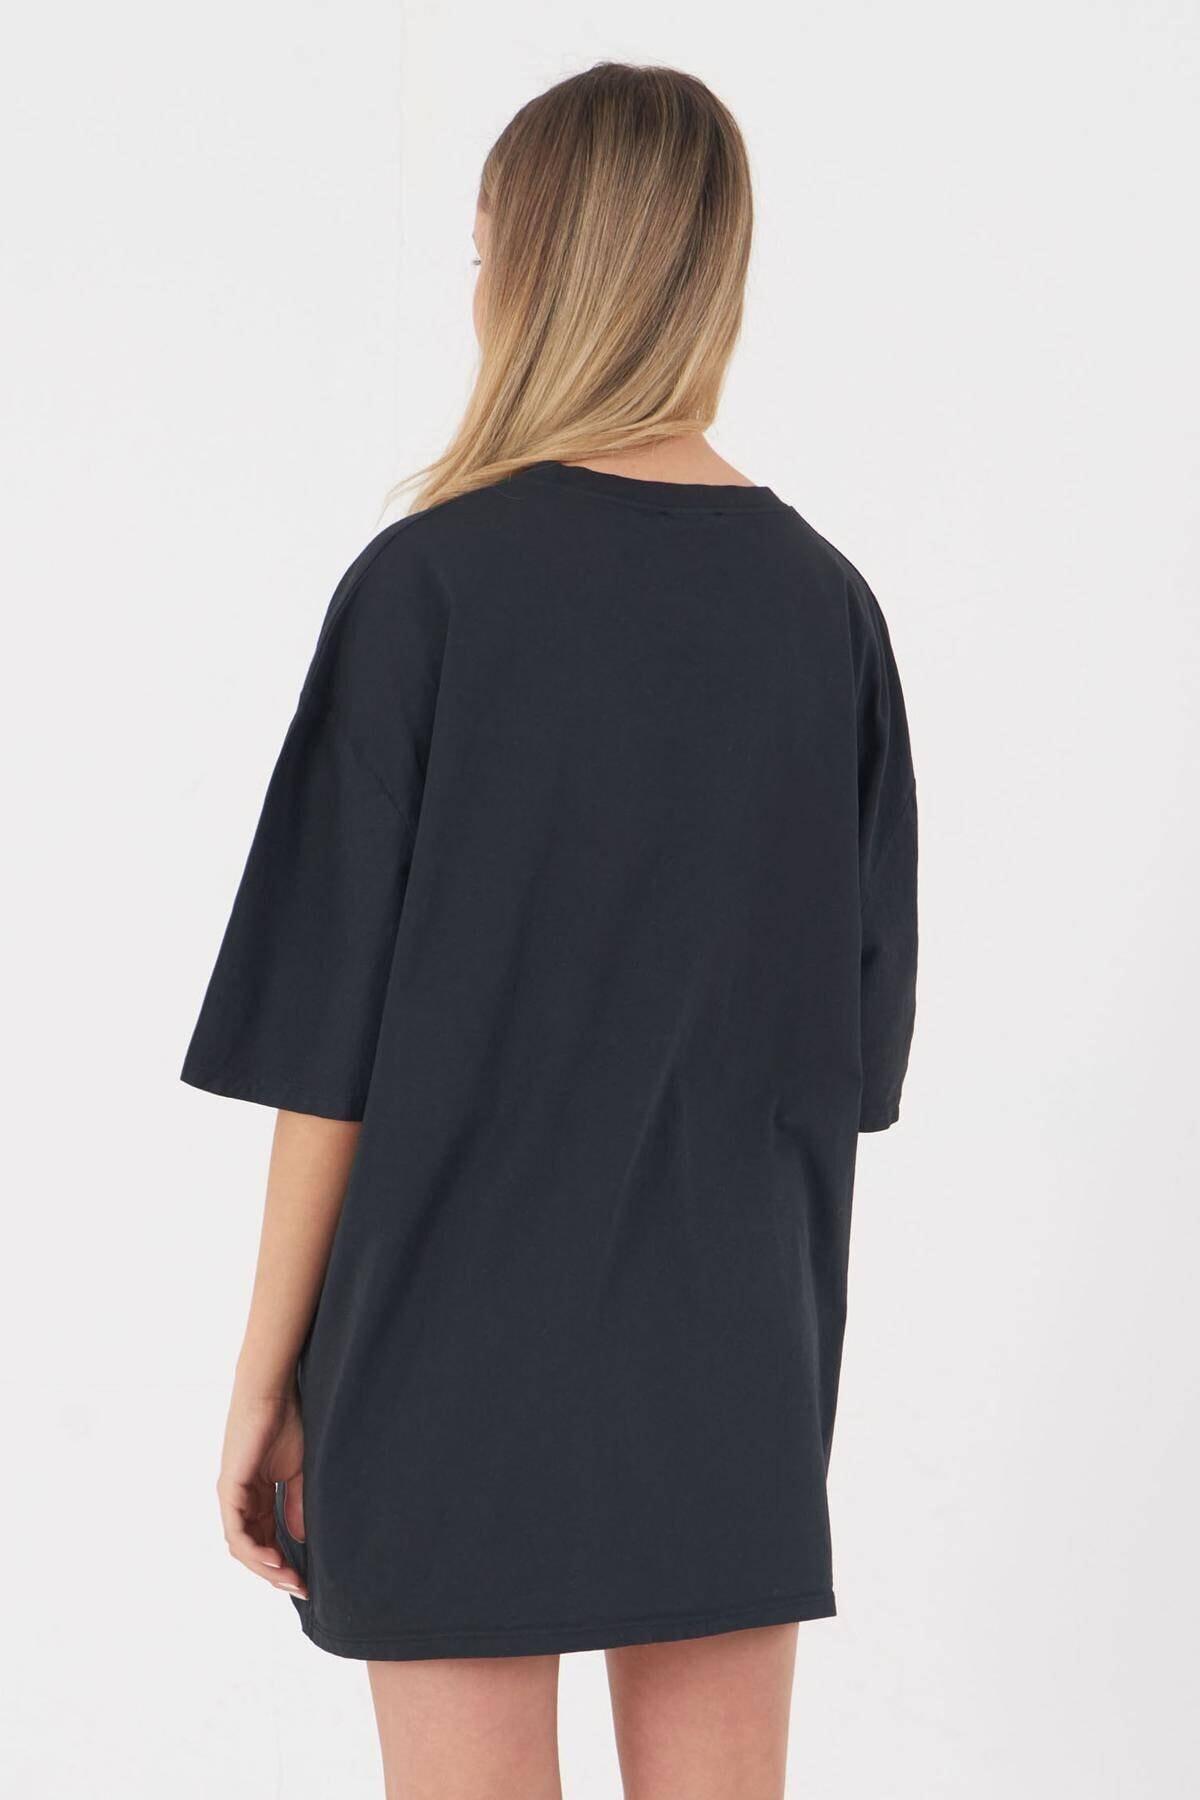 Addax Kadın Füme Baskılı T-shirt P9525 - P13 ADX-0000023818 4